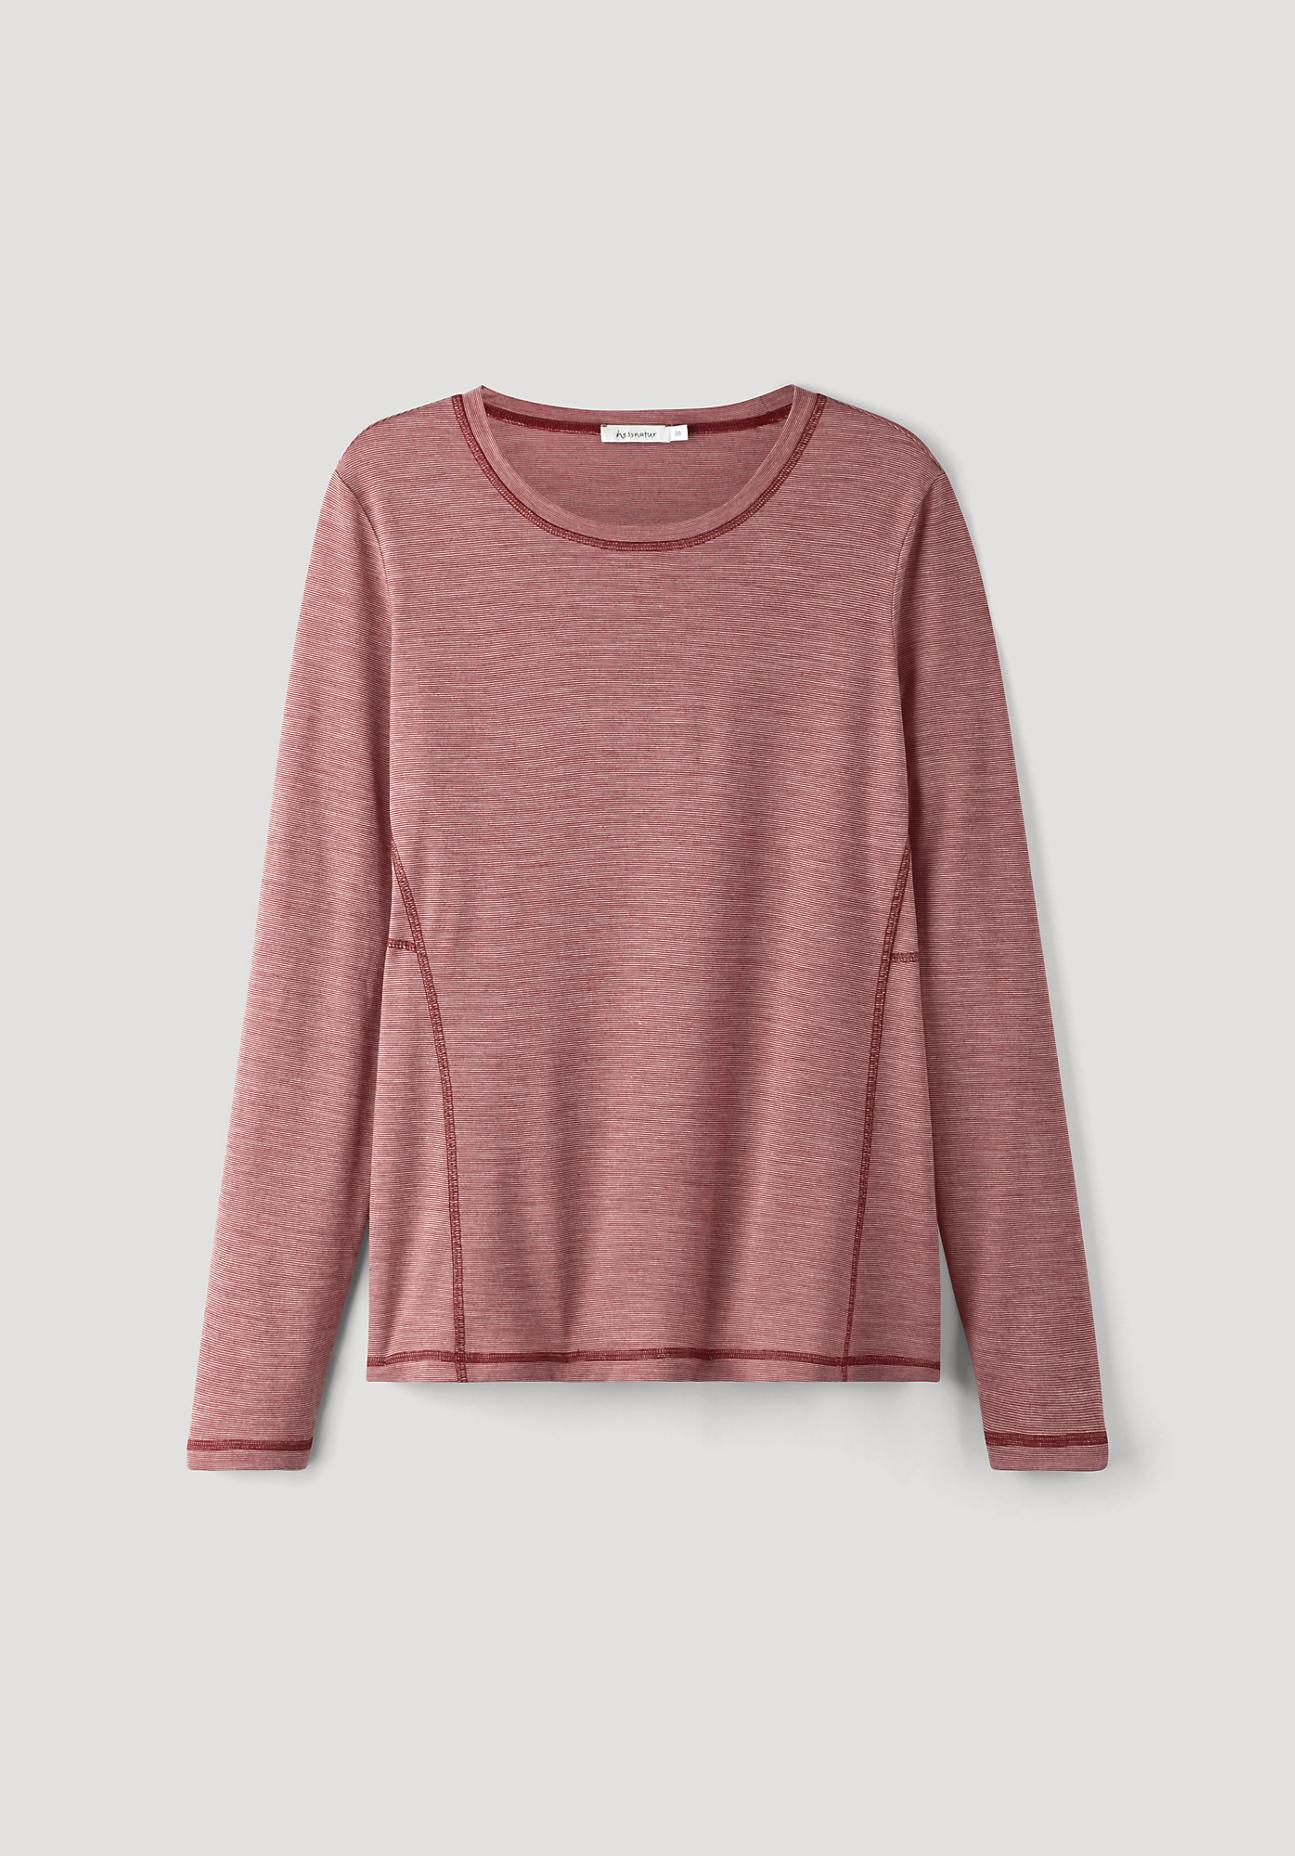 hessnatur Damen-Outdoor Langarmshirt aus Bio-Merinowolle - rot Größe 40